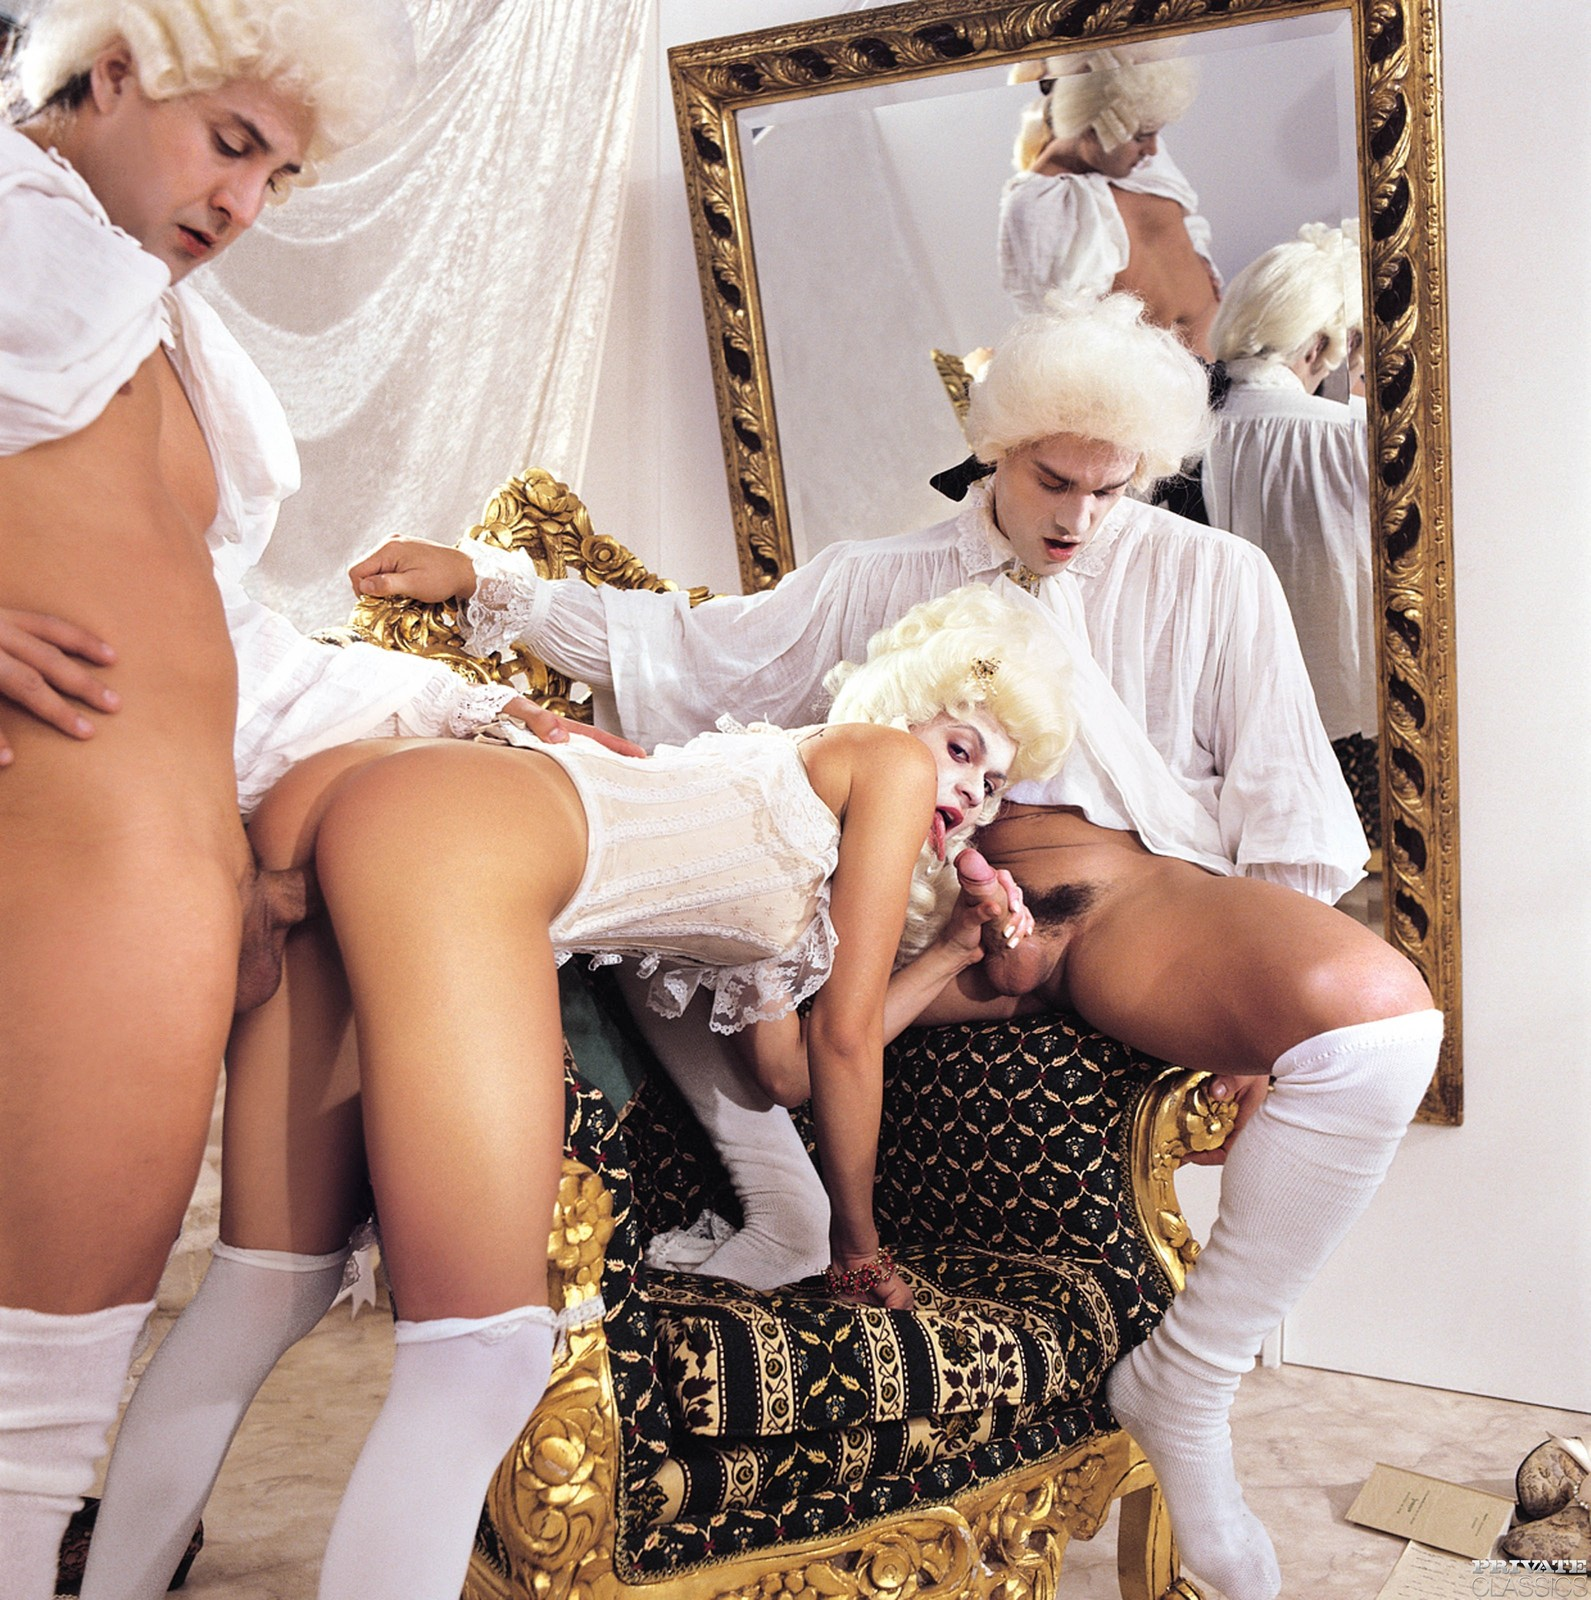 pornofilmi-istoricheskie-vo-dvortse-viderzhal